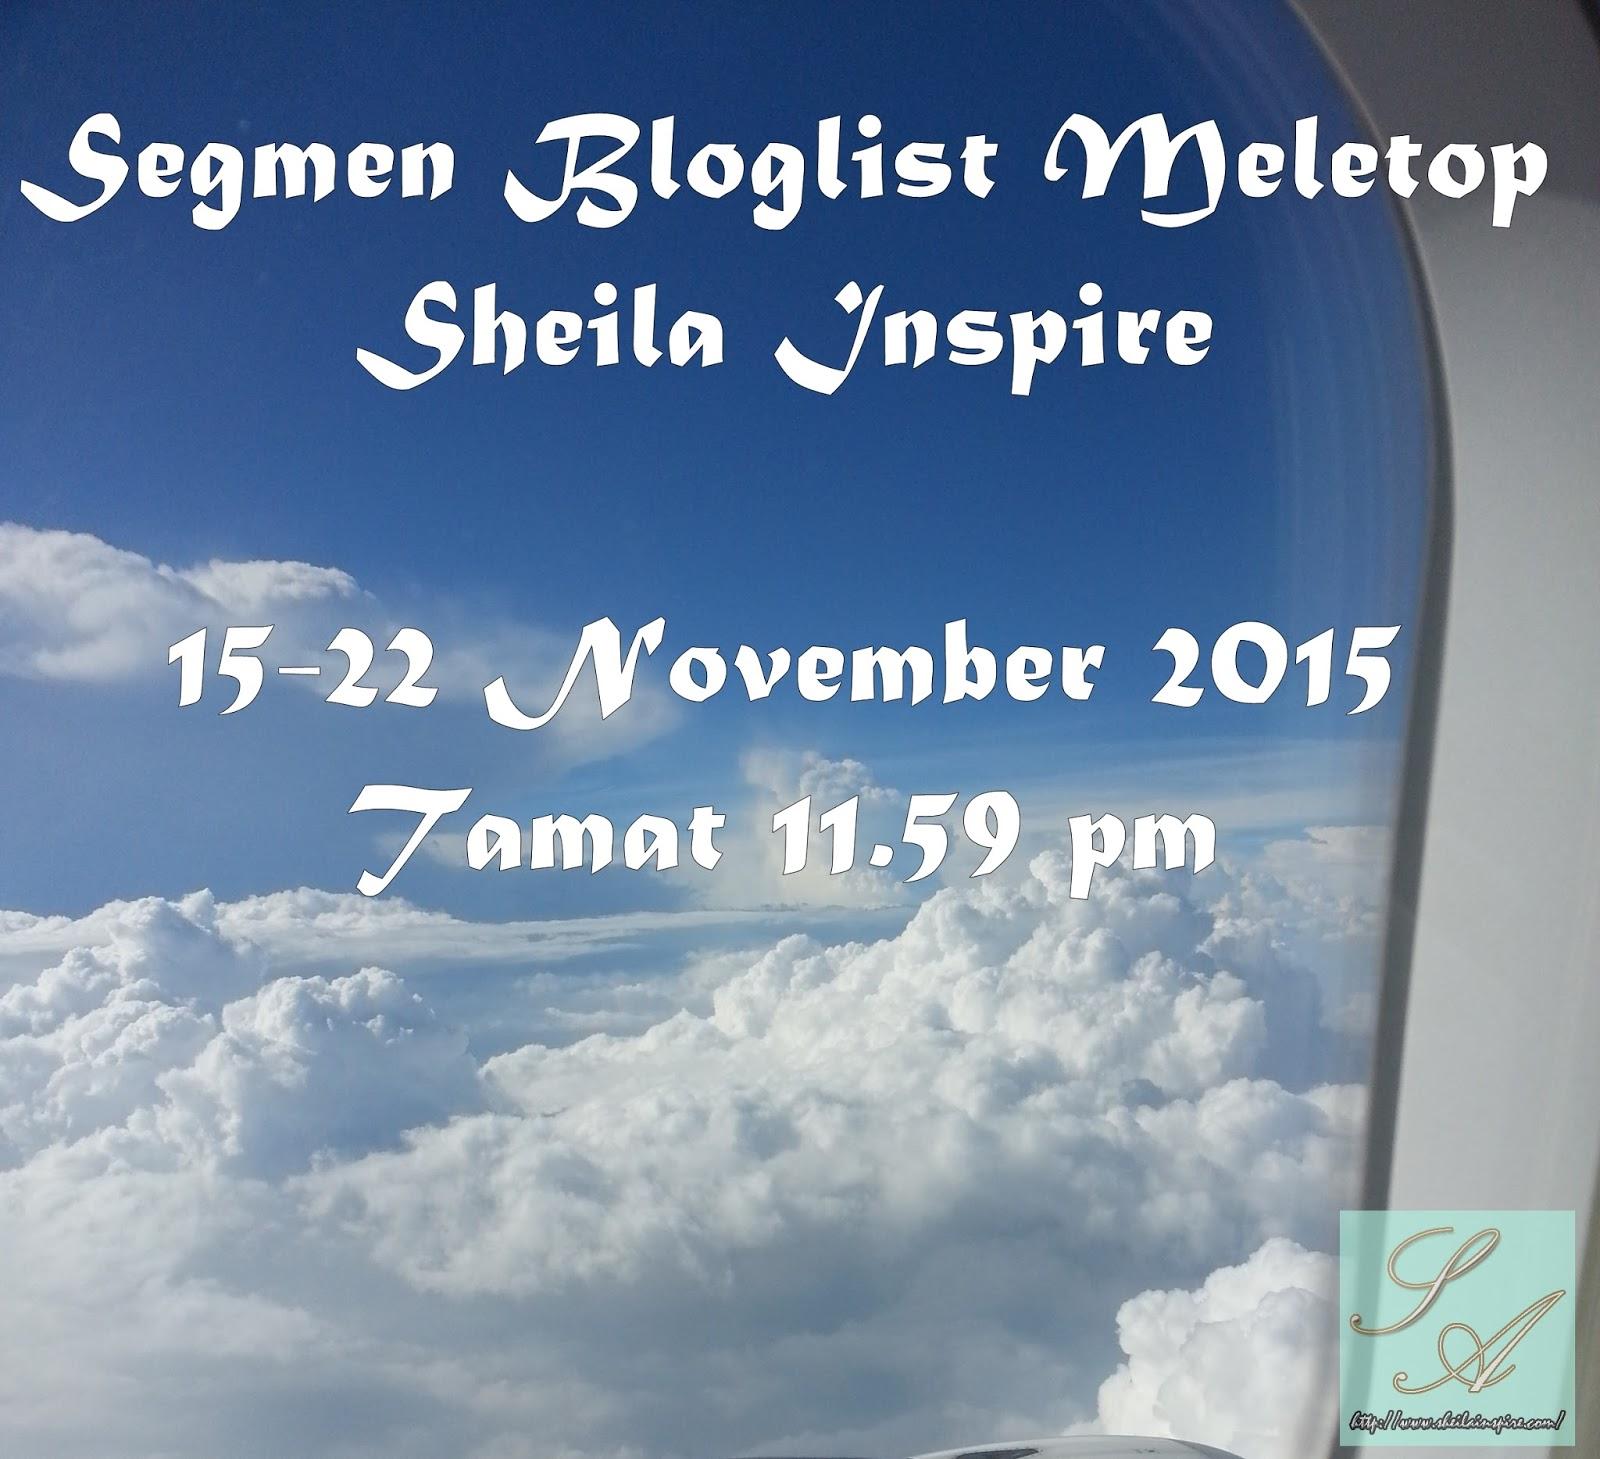 Segmen Bloglist Meletop Sheila Inspire